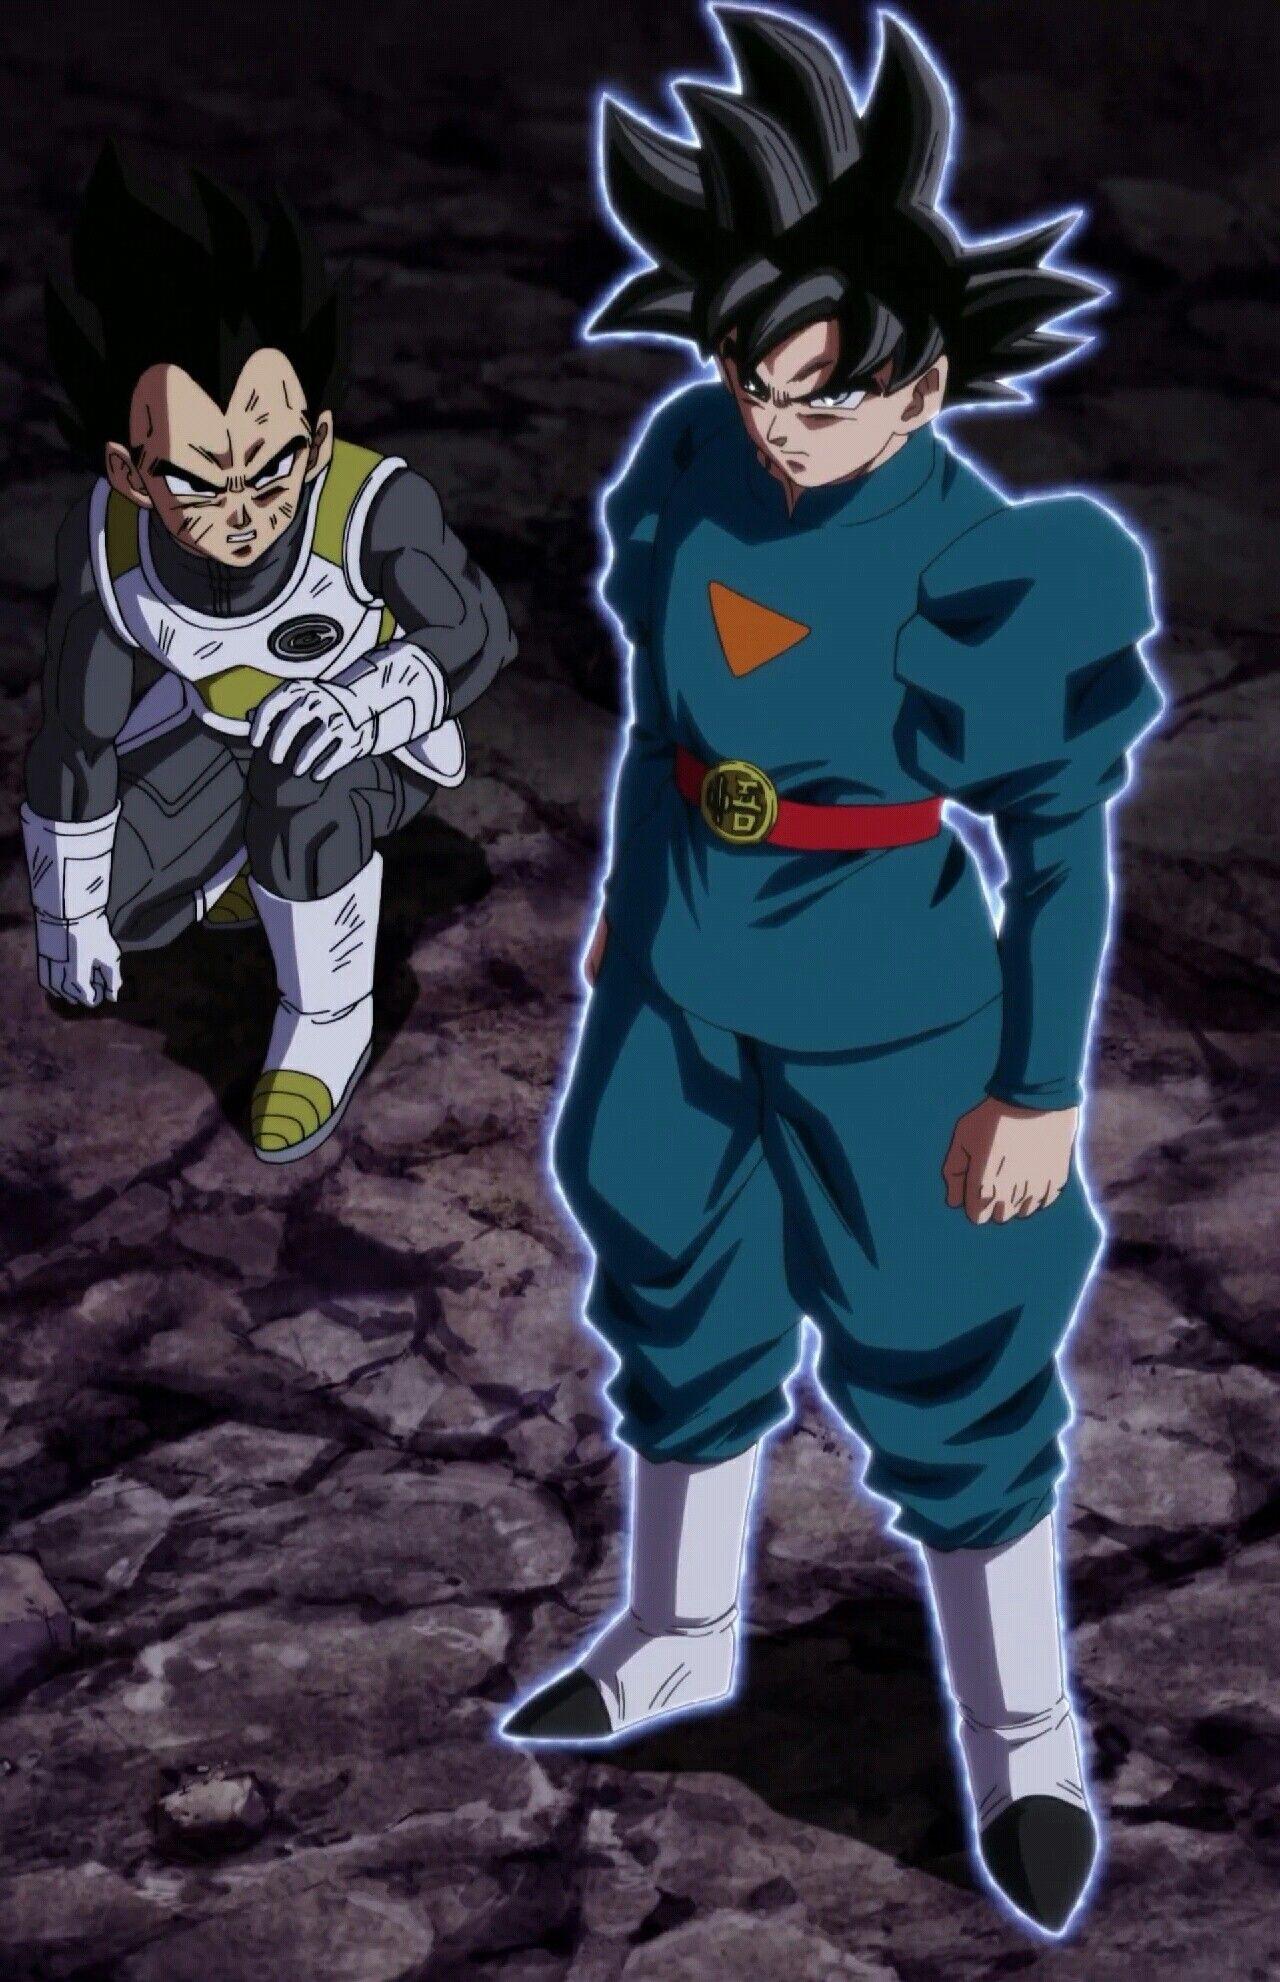 Ultra Instinct Omen Goku W Edited By Me Dragon Ball Super Manga Anime Dragon Ball Super Dragon Ball Goku